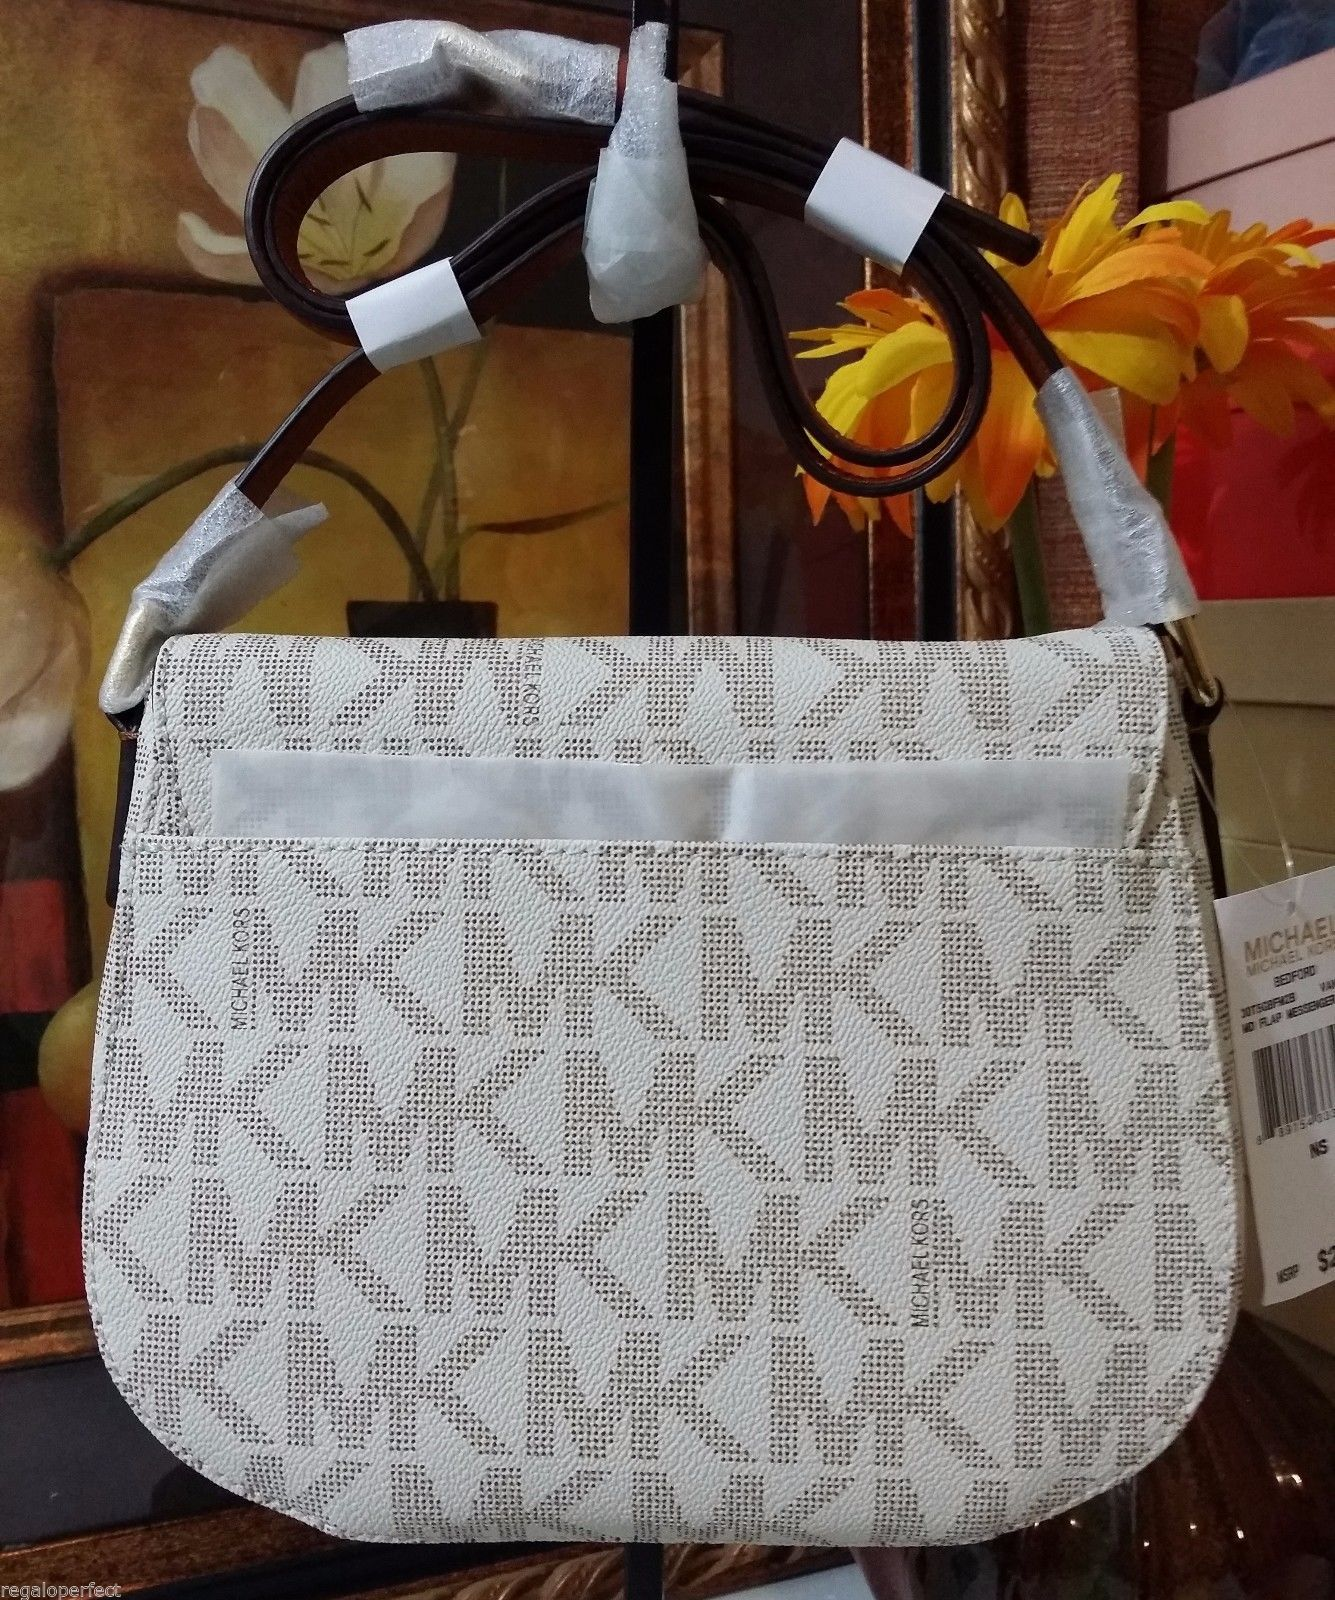 NWT Michael Kors Signature Bedford Medium Flap Messenger PVC Vanilla MSRP $248